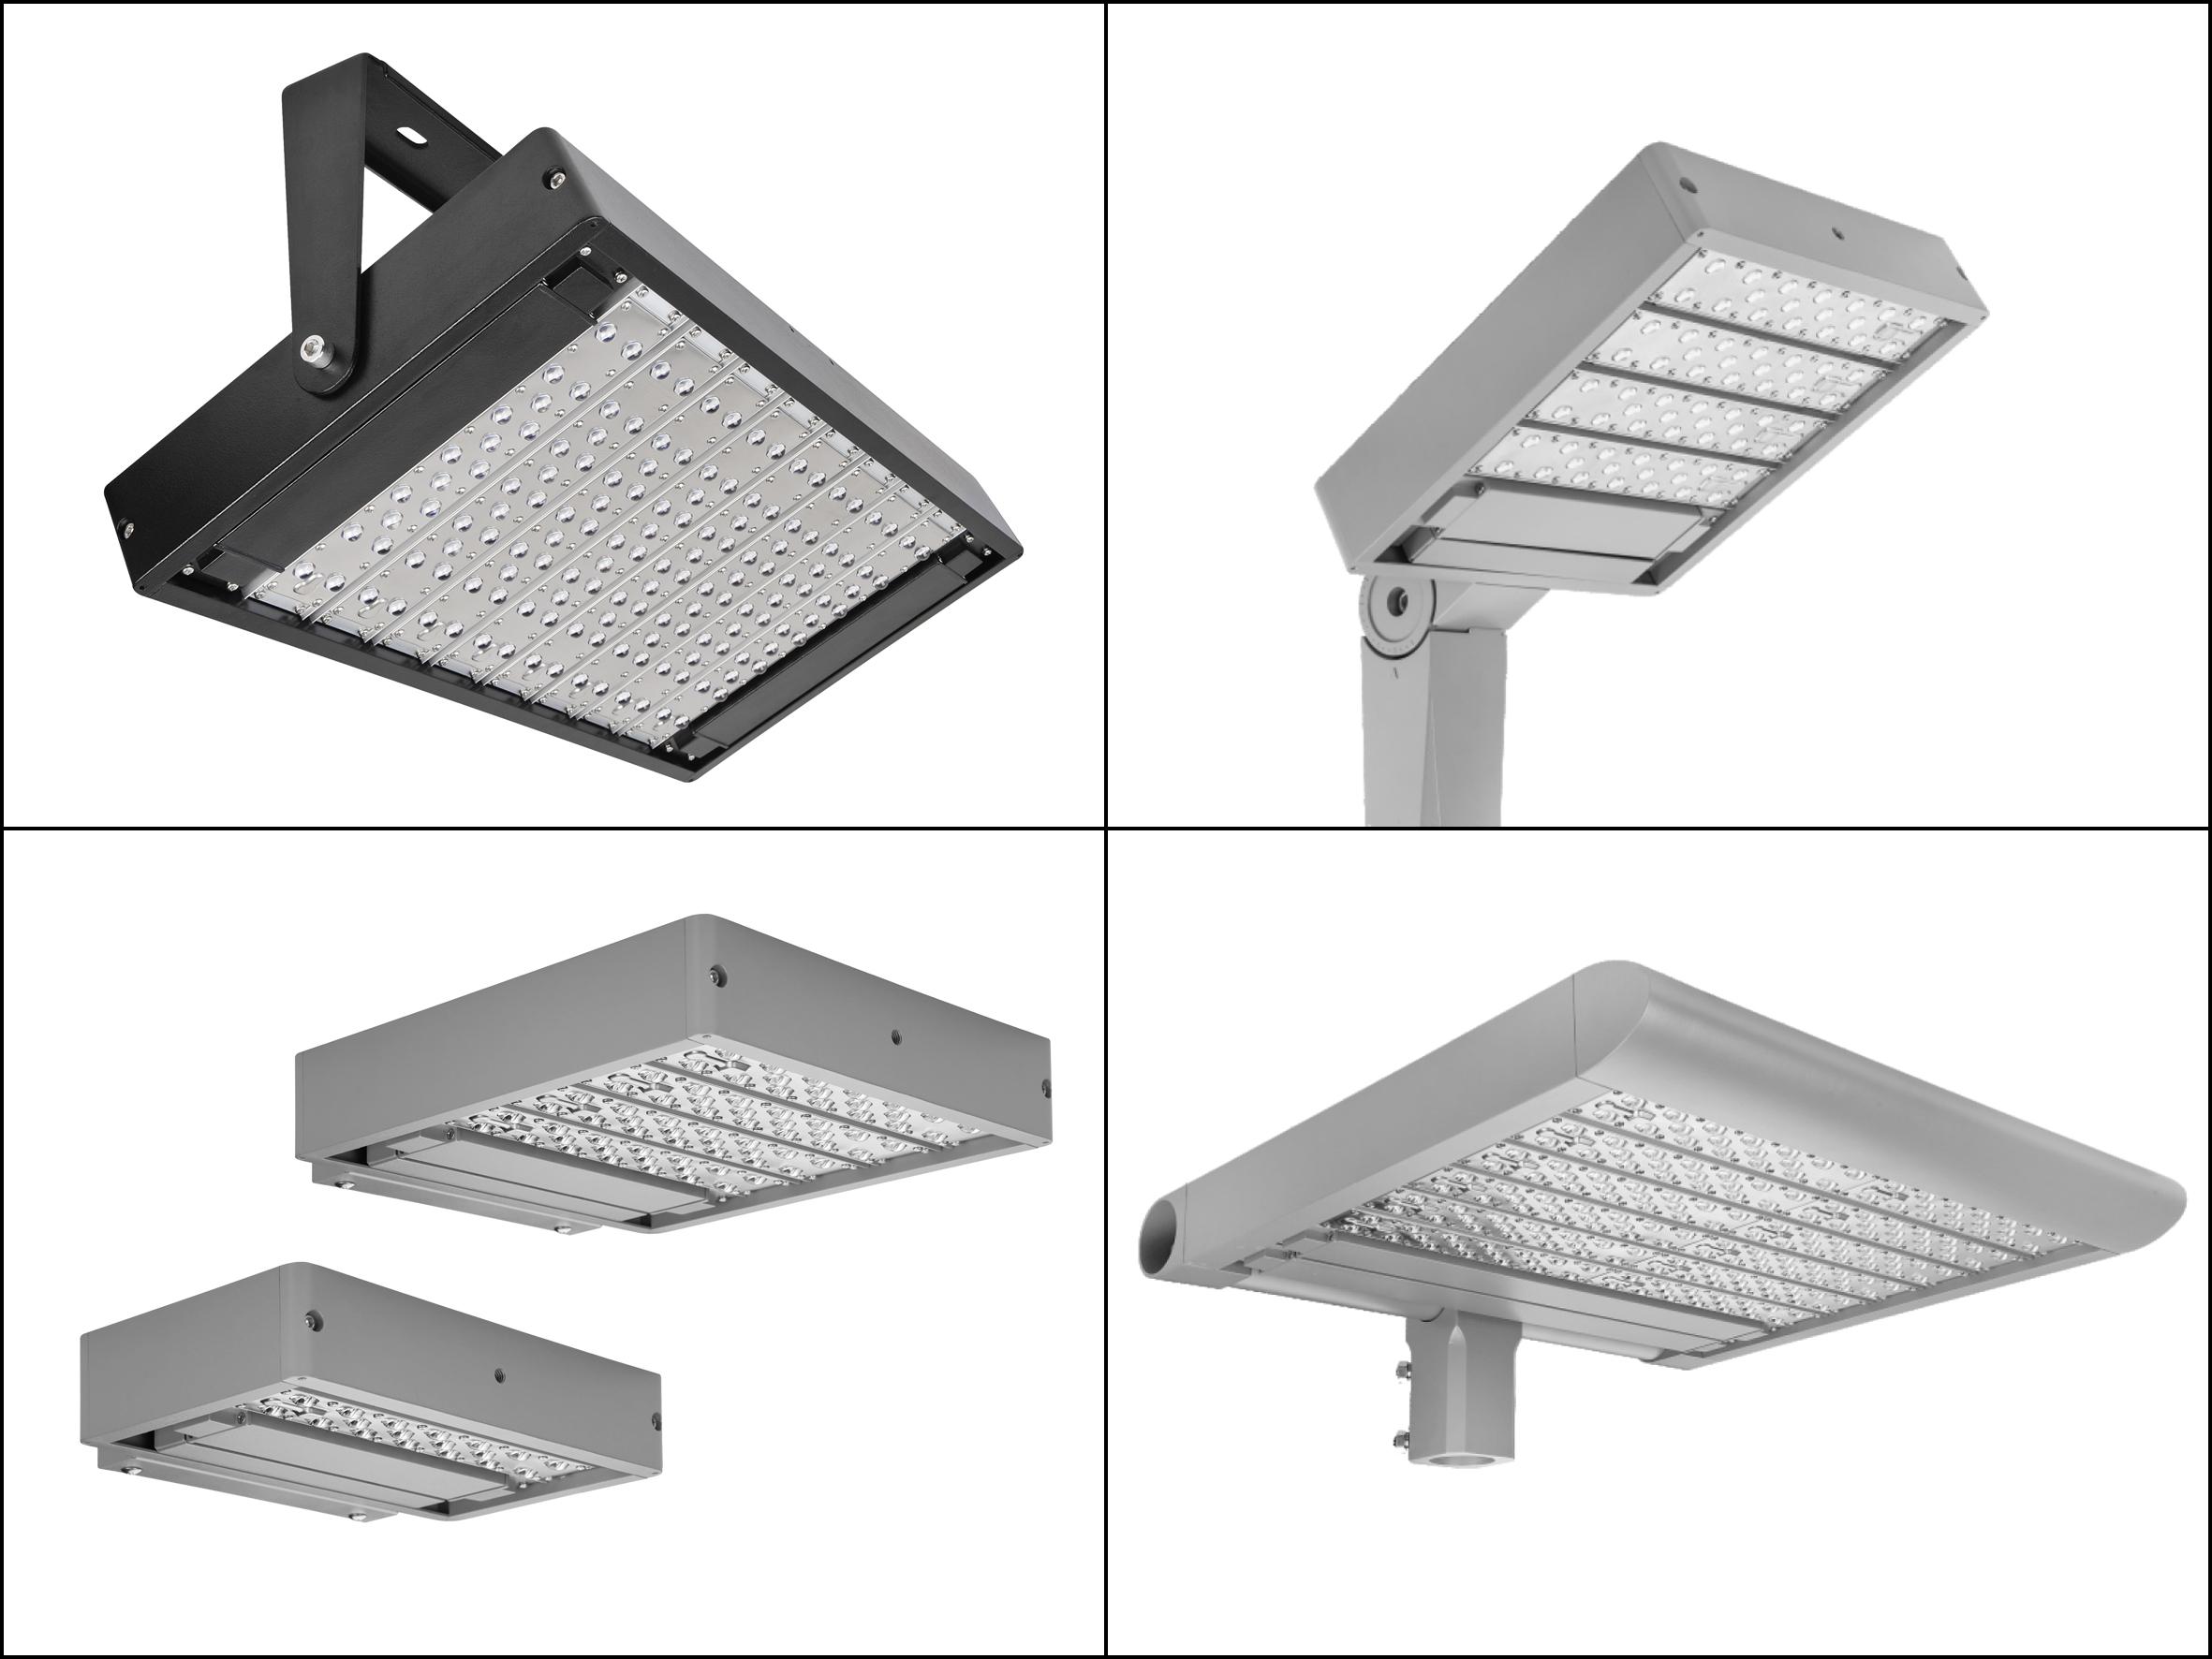 Bild+2+-+Leistungsstarke+LEDAXO+LED-Beleuchtungsl%C3%B6sungen+f%C3%BCr+Aussen Schöne Led Leuchte Für Steckdose Dekorationen